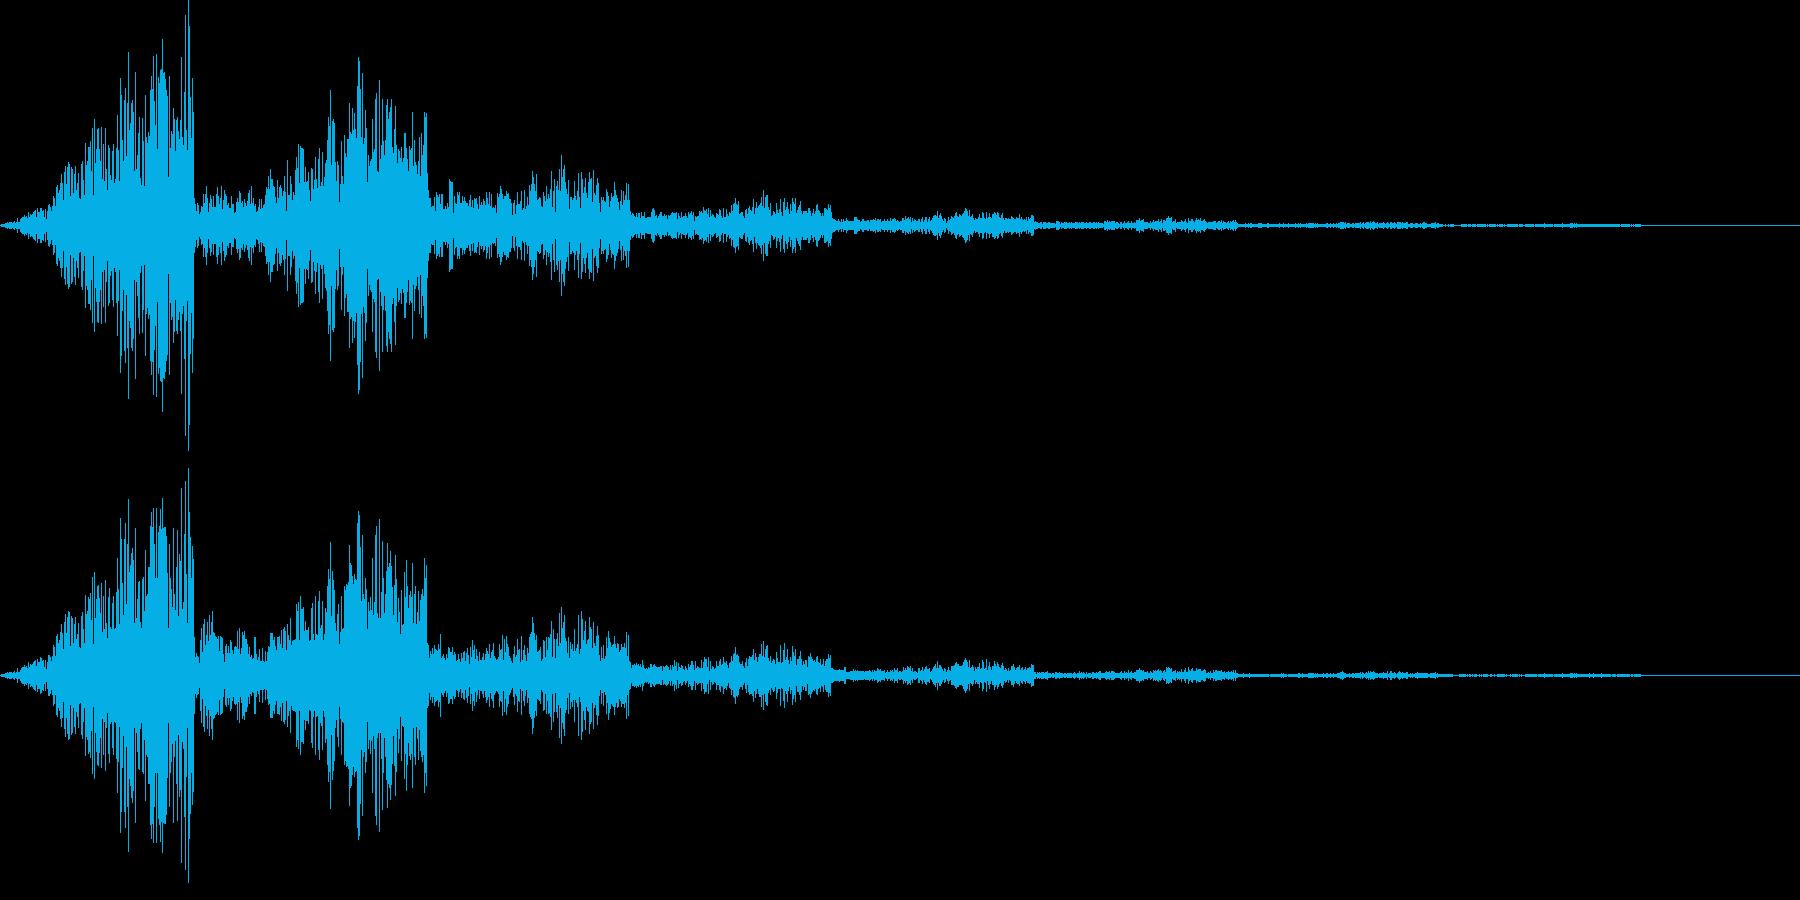 不気味な通過音の再生済みの波形